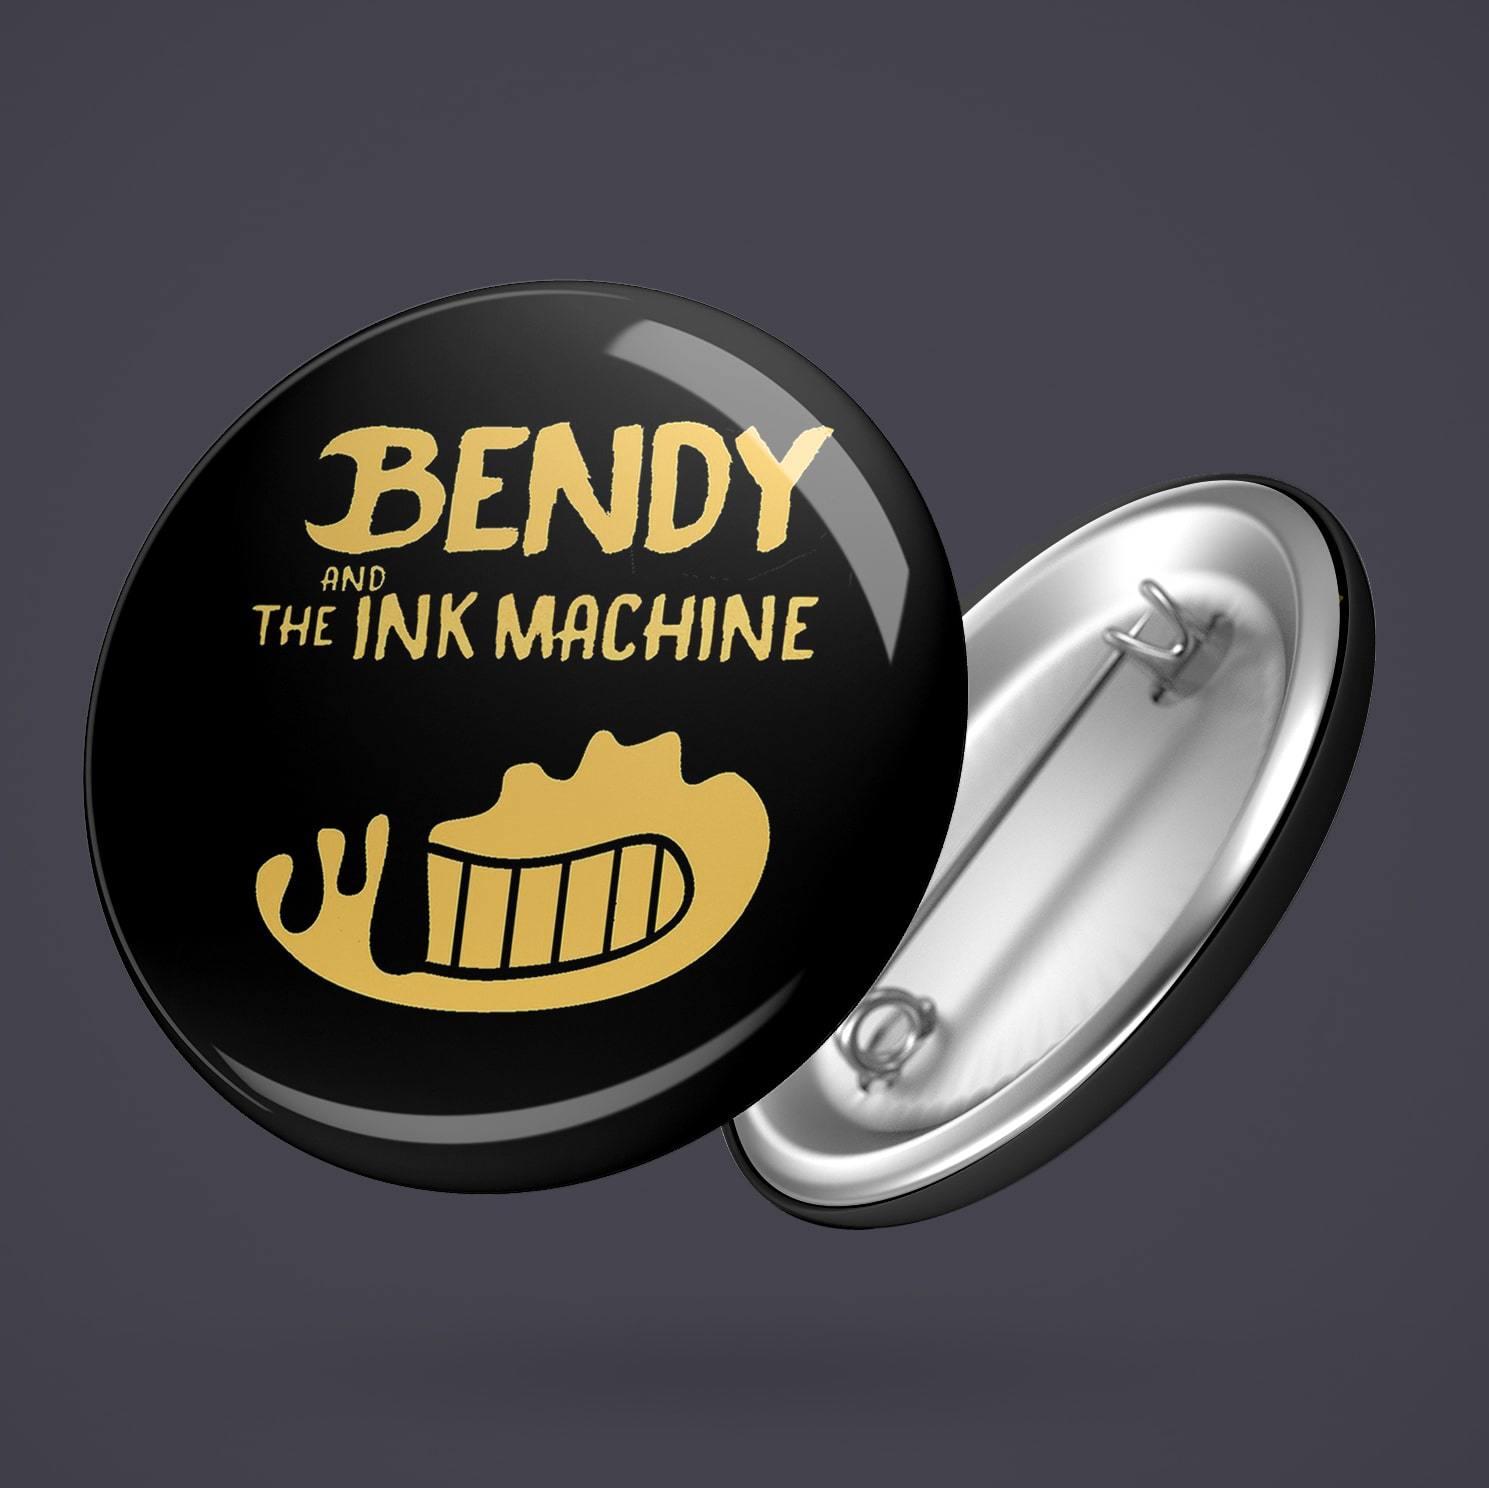 Значок с Бенди №15 - купить в интернет-магазине kinoshop24.ru